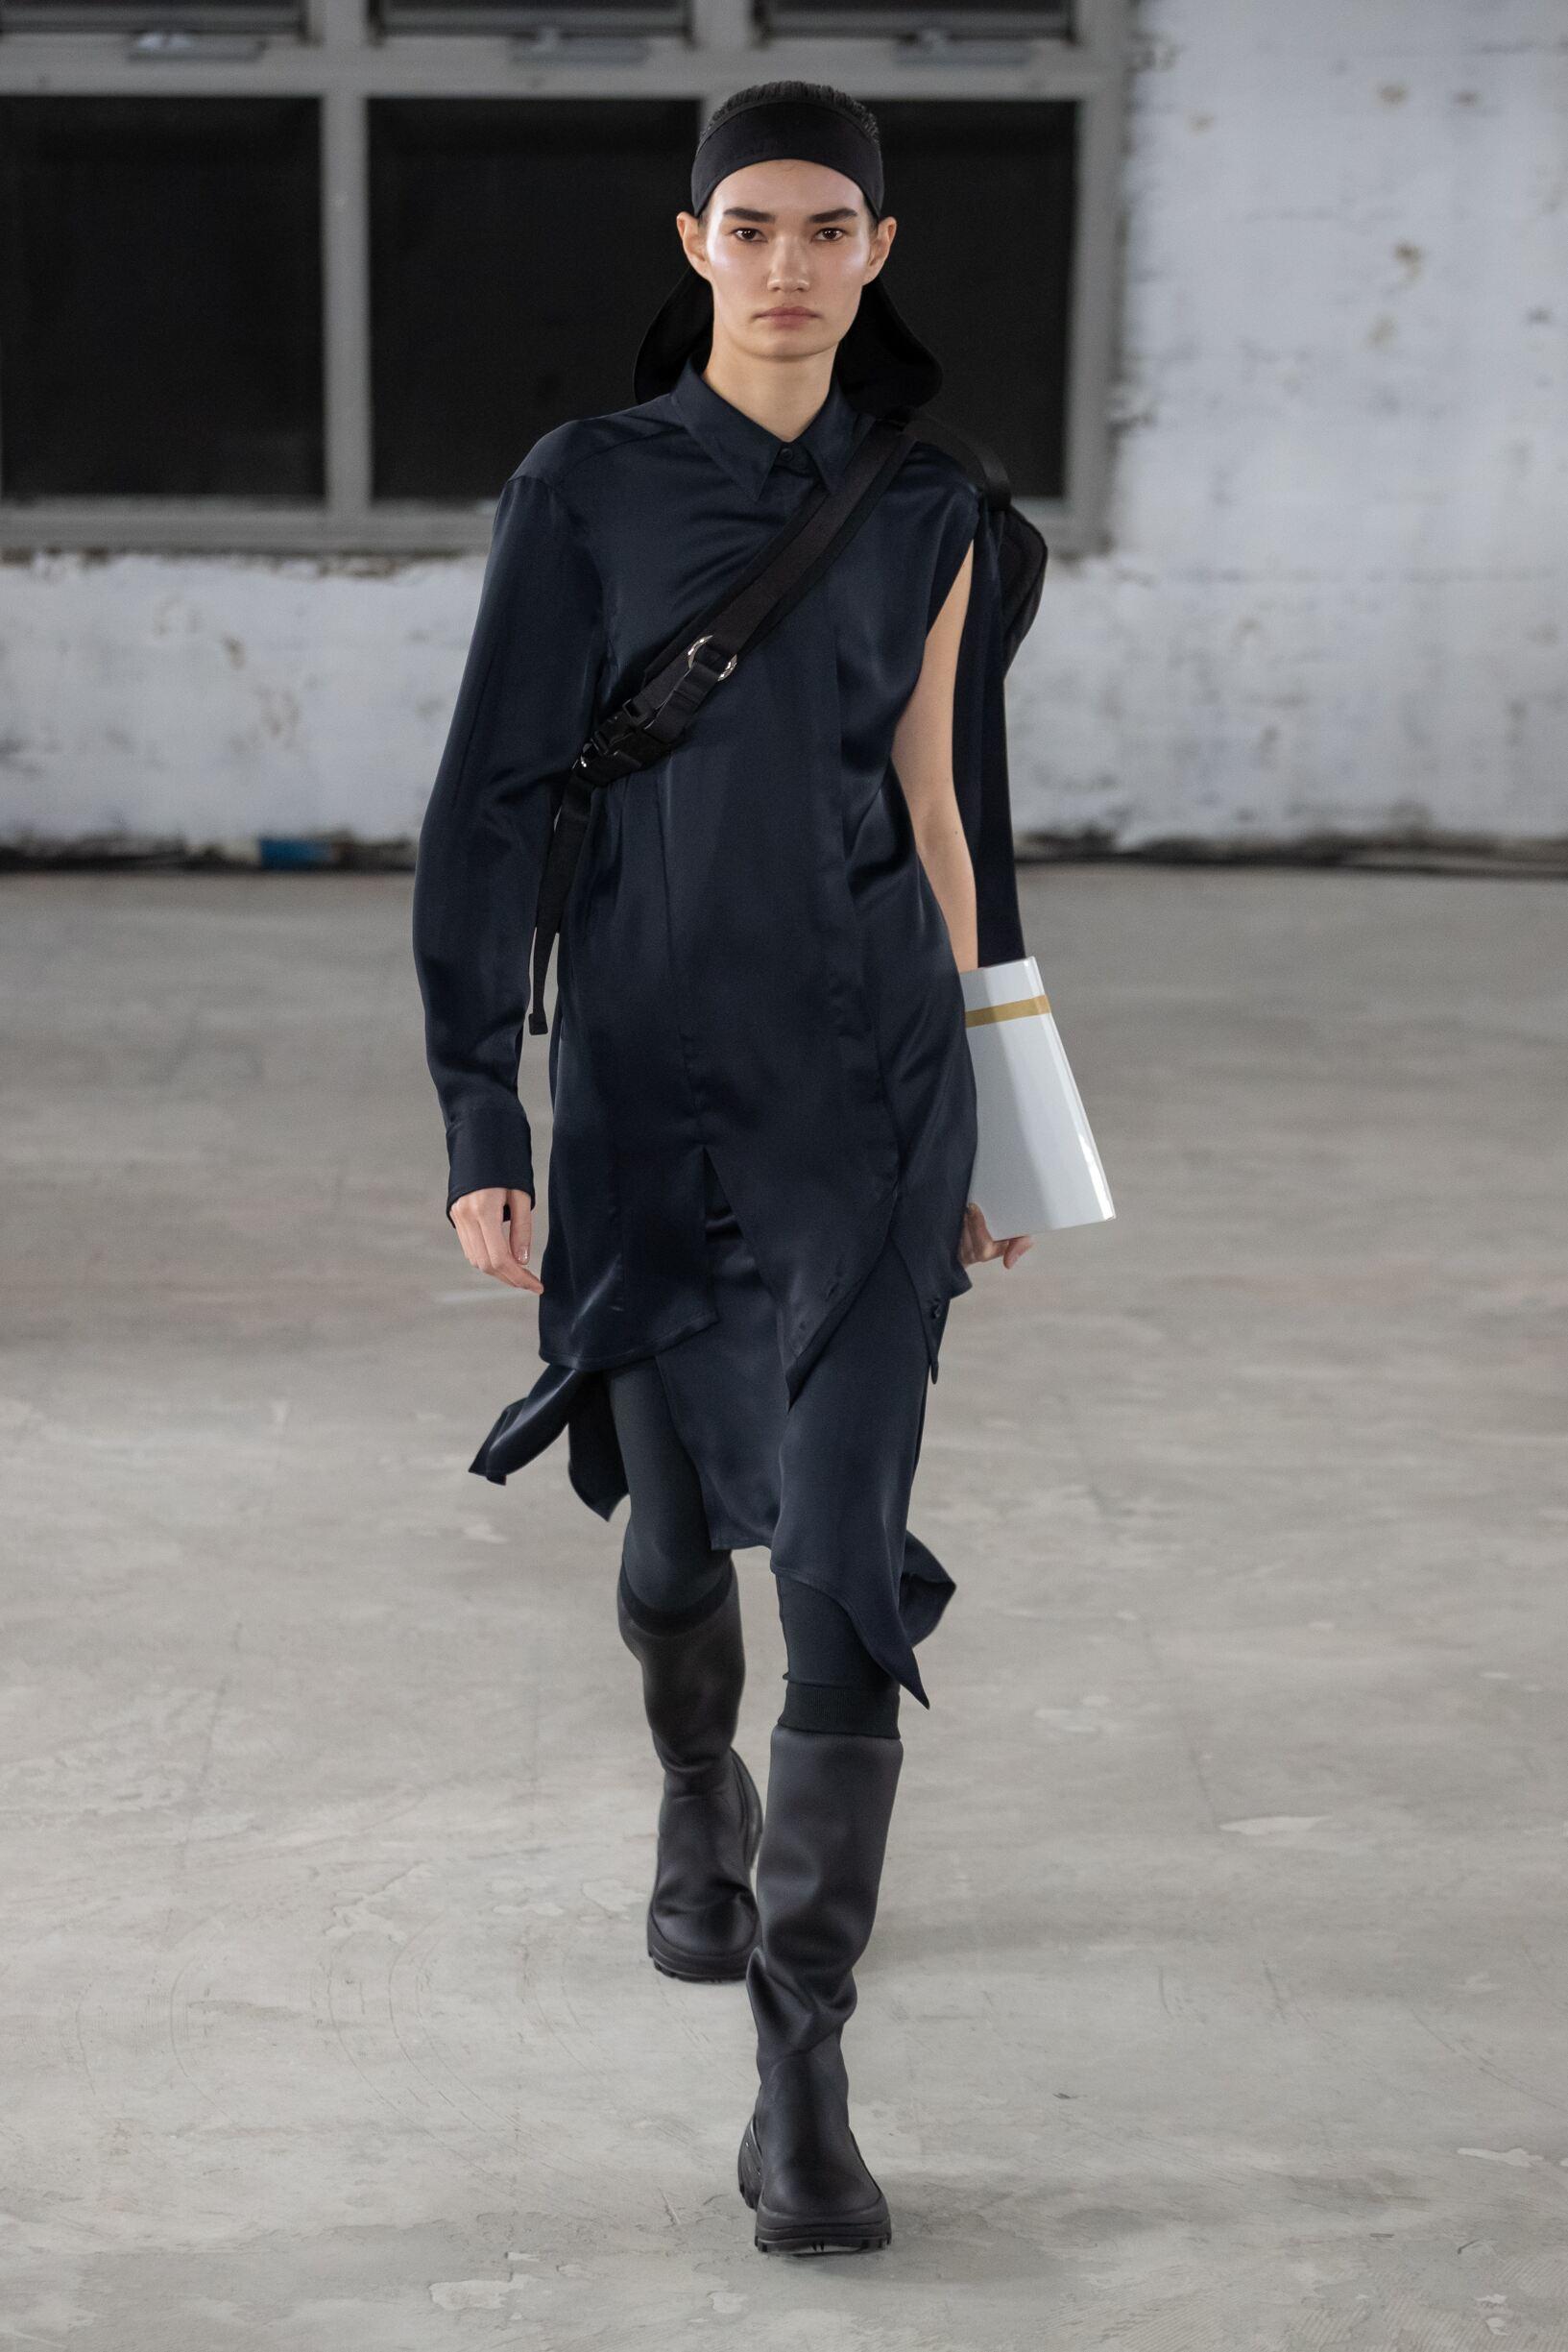 Fall 2019 Fashion Trends ALYX